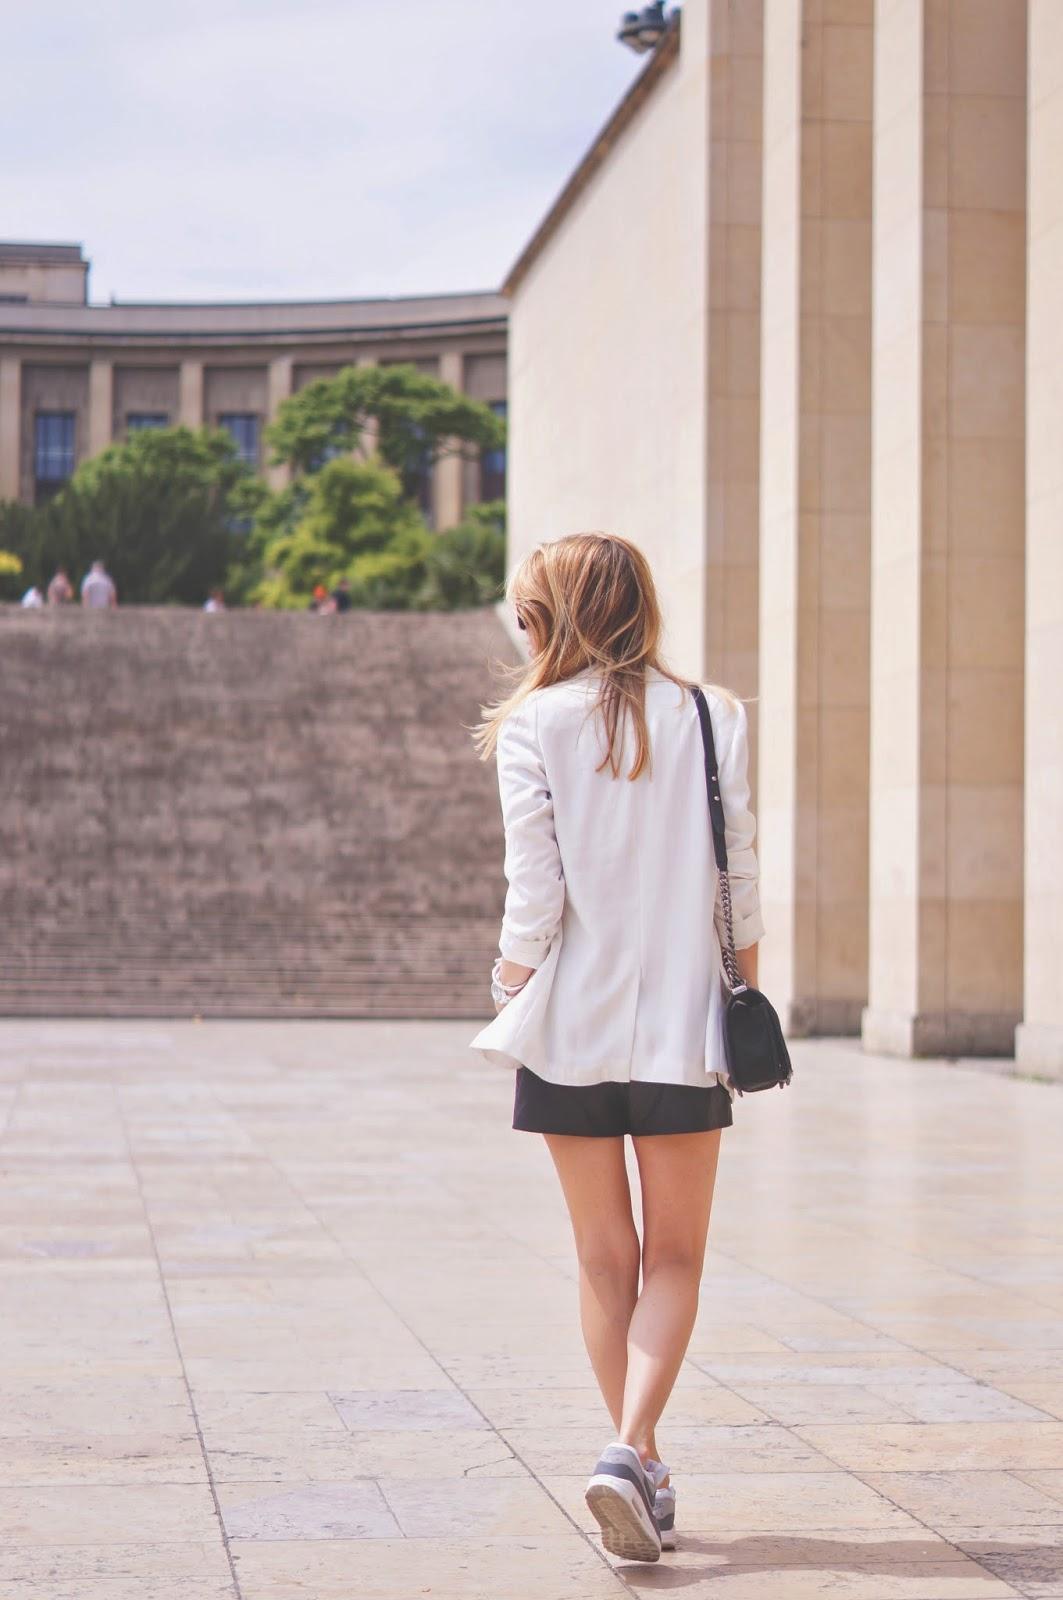 streetstyle, fashion blogger, nike, chanel, isabel marant, paris